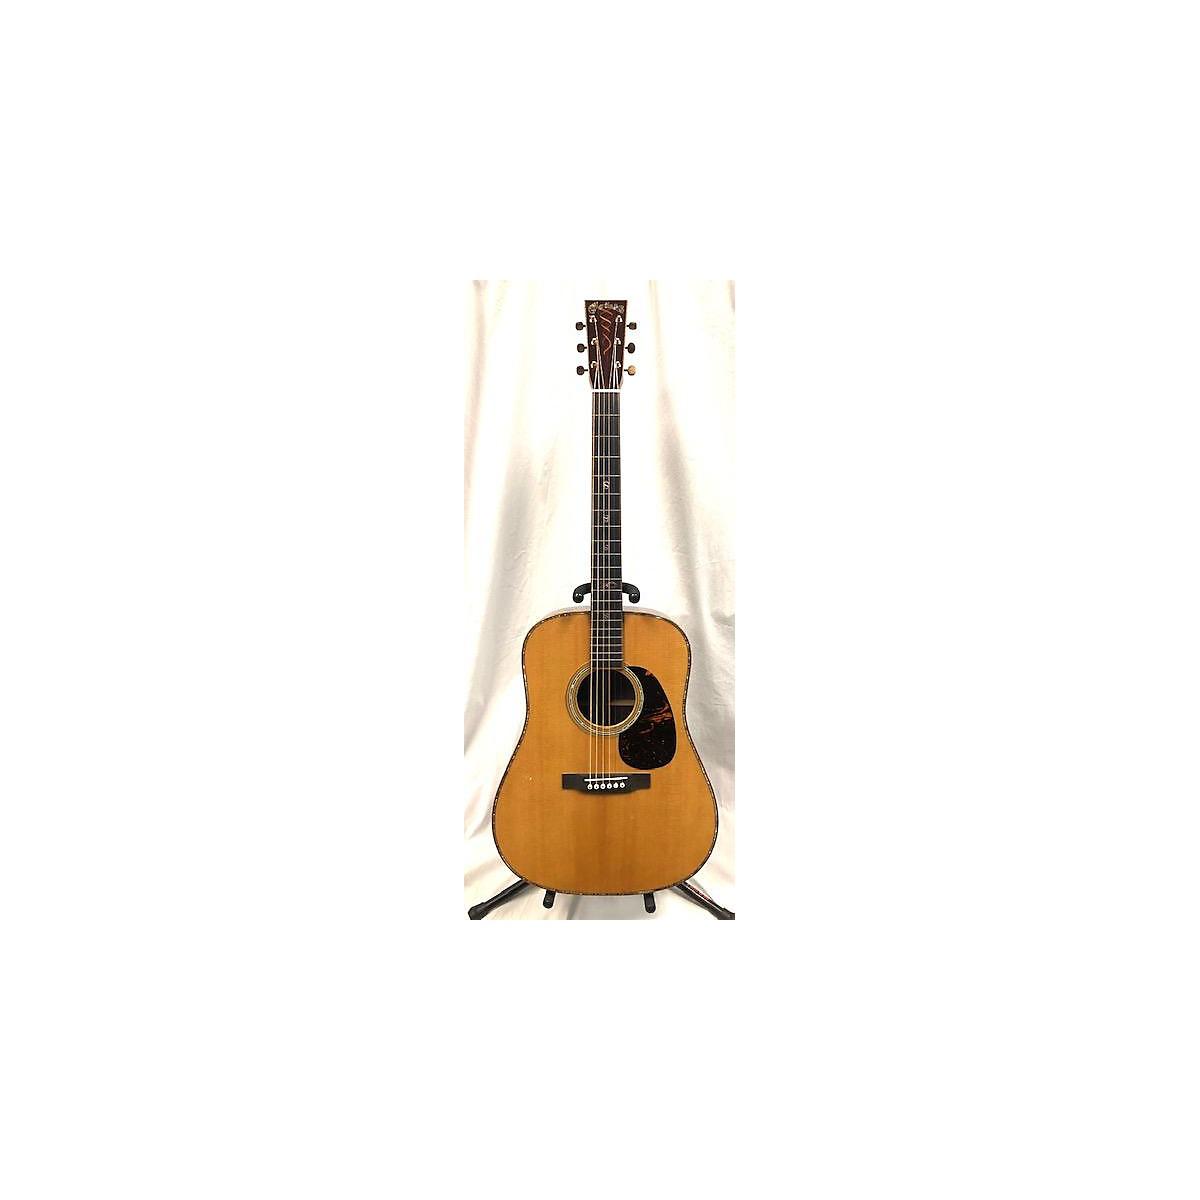 Martin 2015 CS-D41-15 Acoustic Guitar